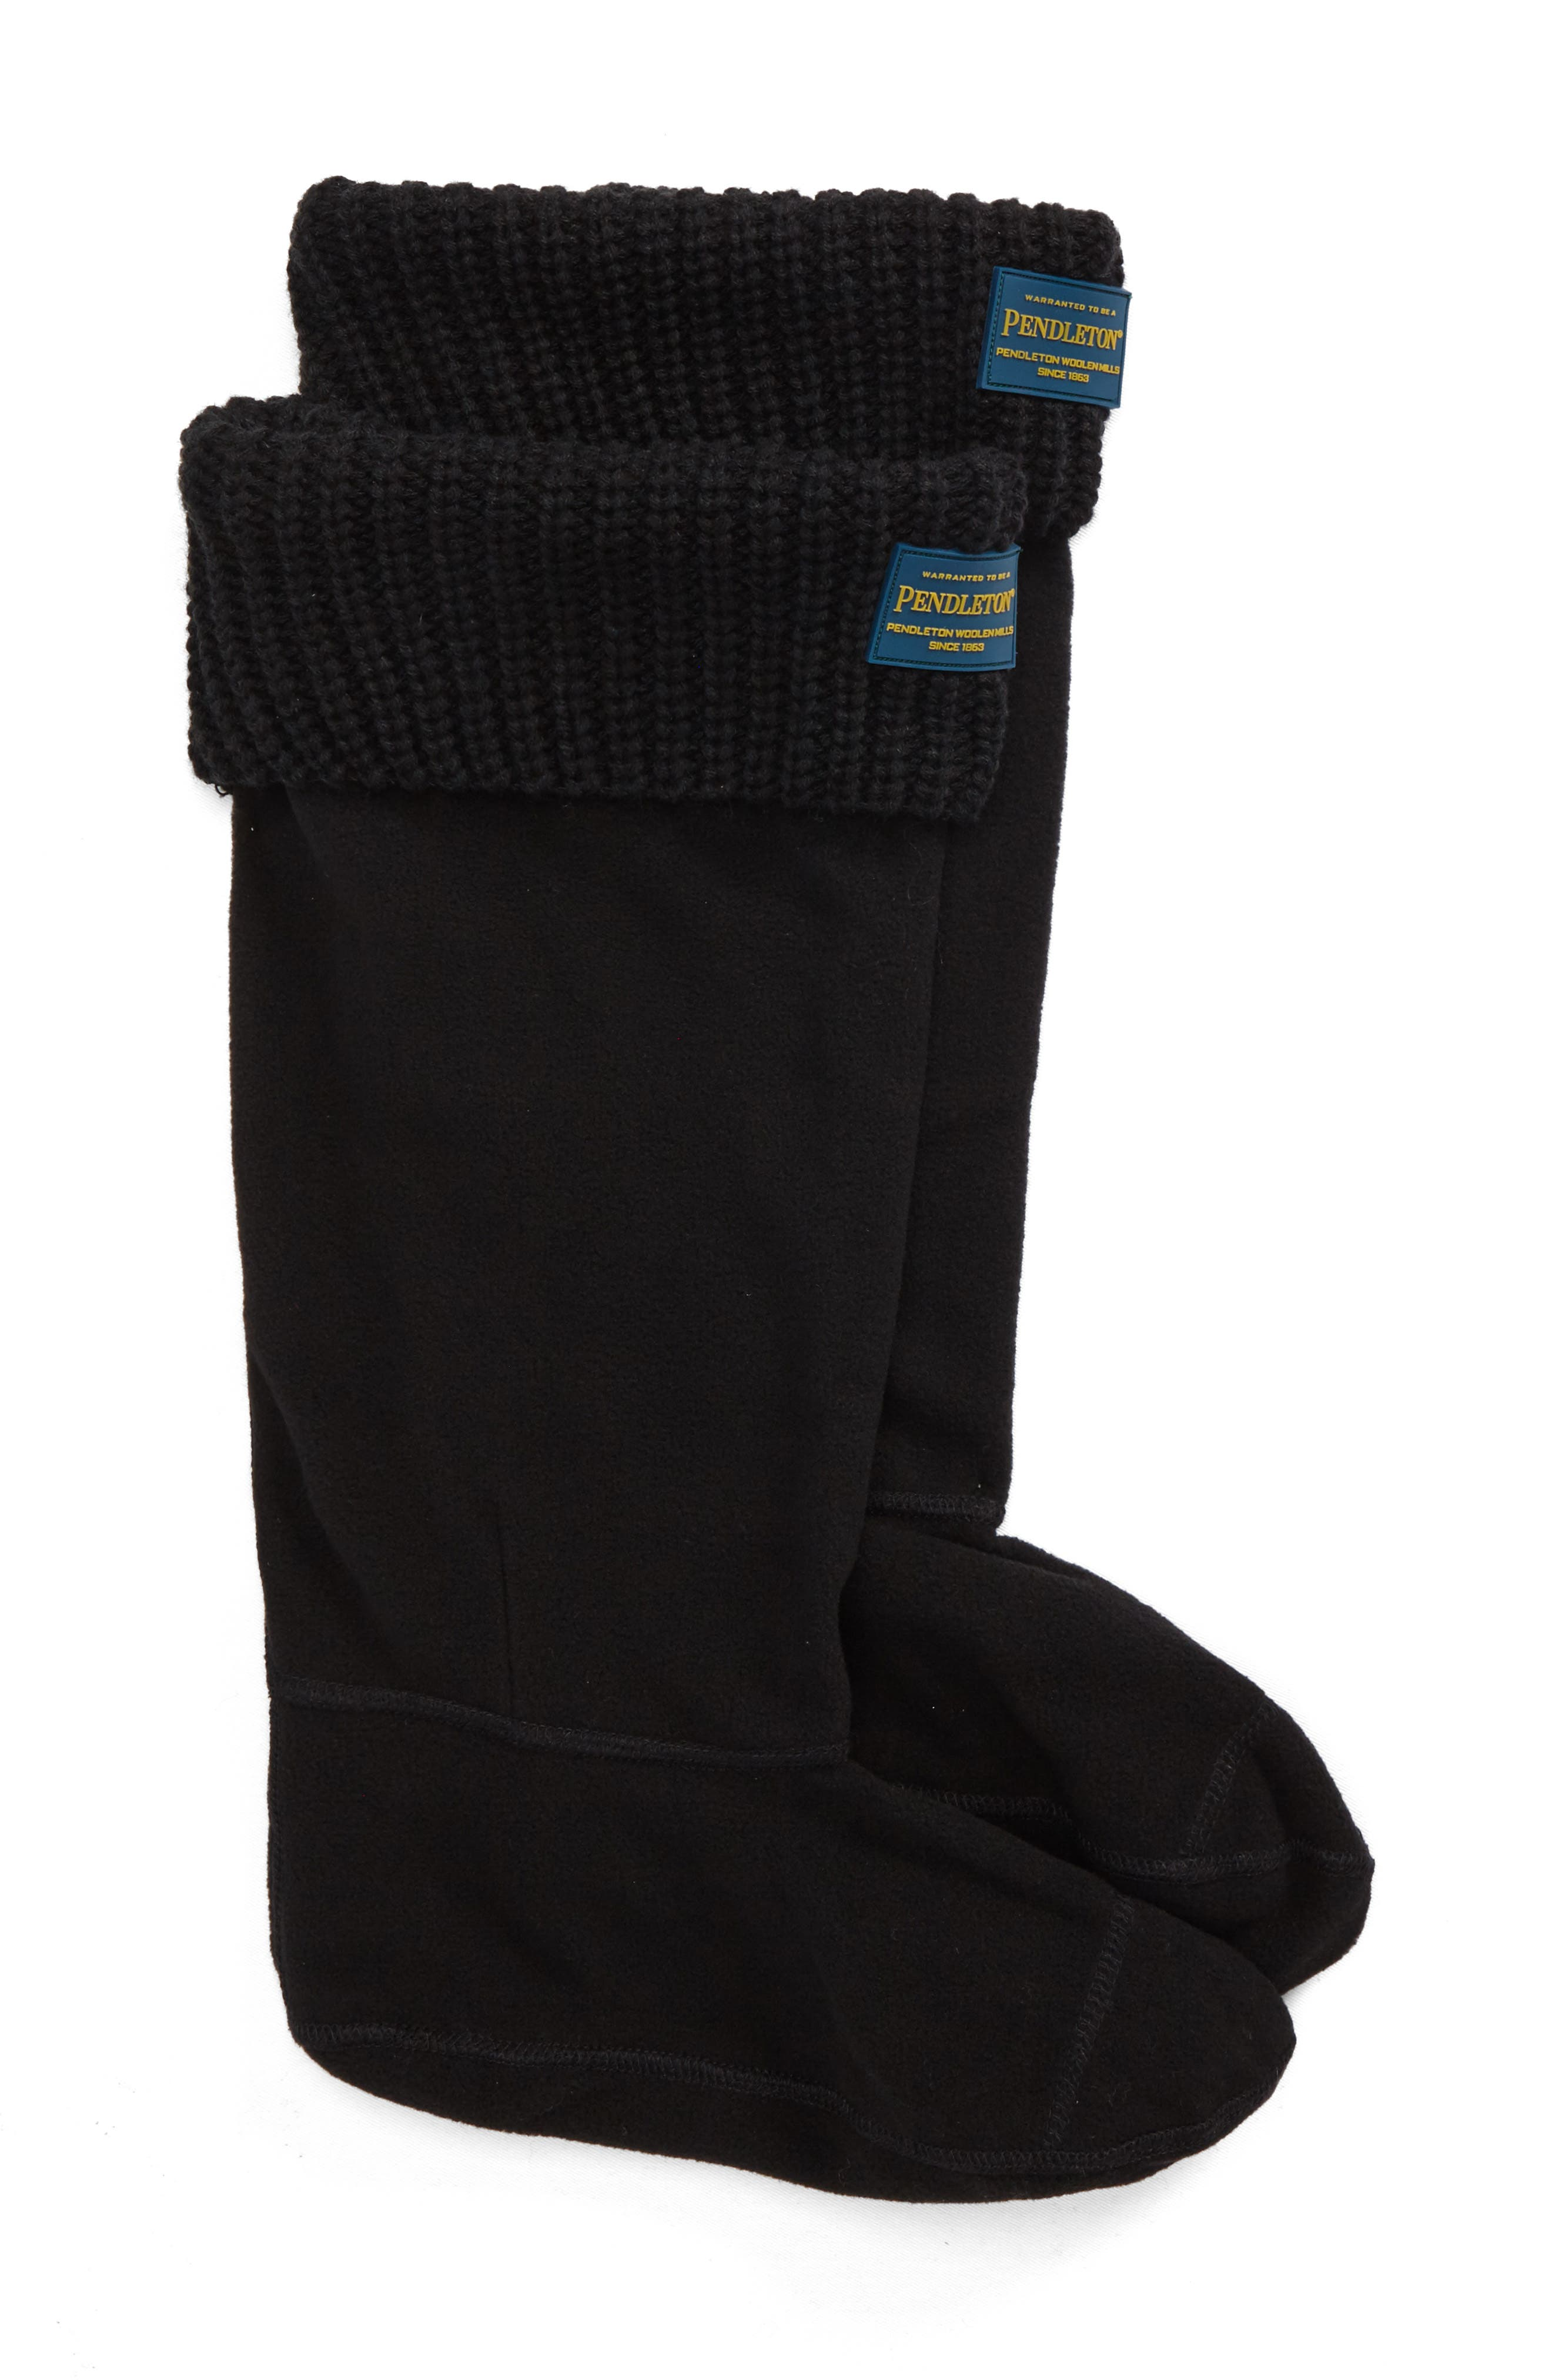 Pendleton Shaker Stitch Tall Boot Socks,                             Main thumbnail 1, color,                             Black